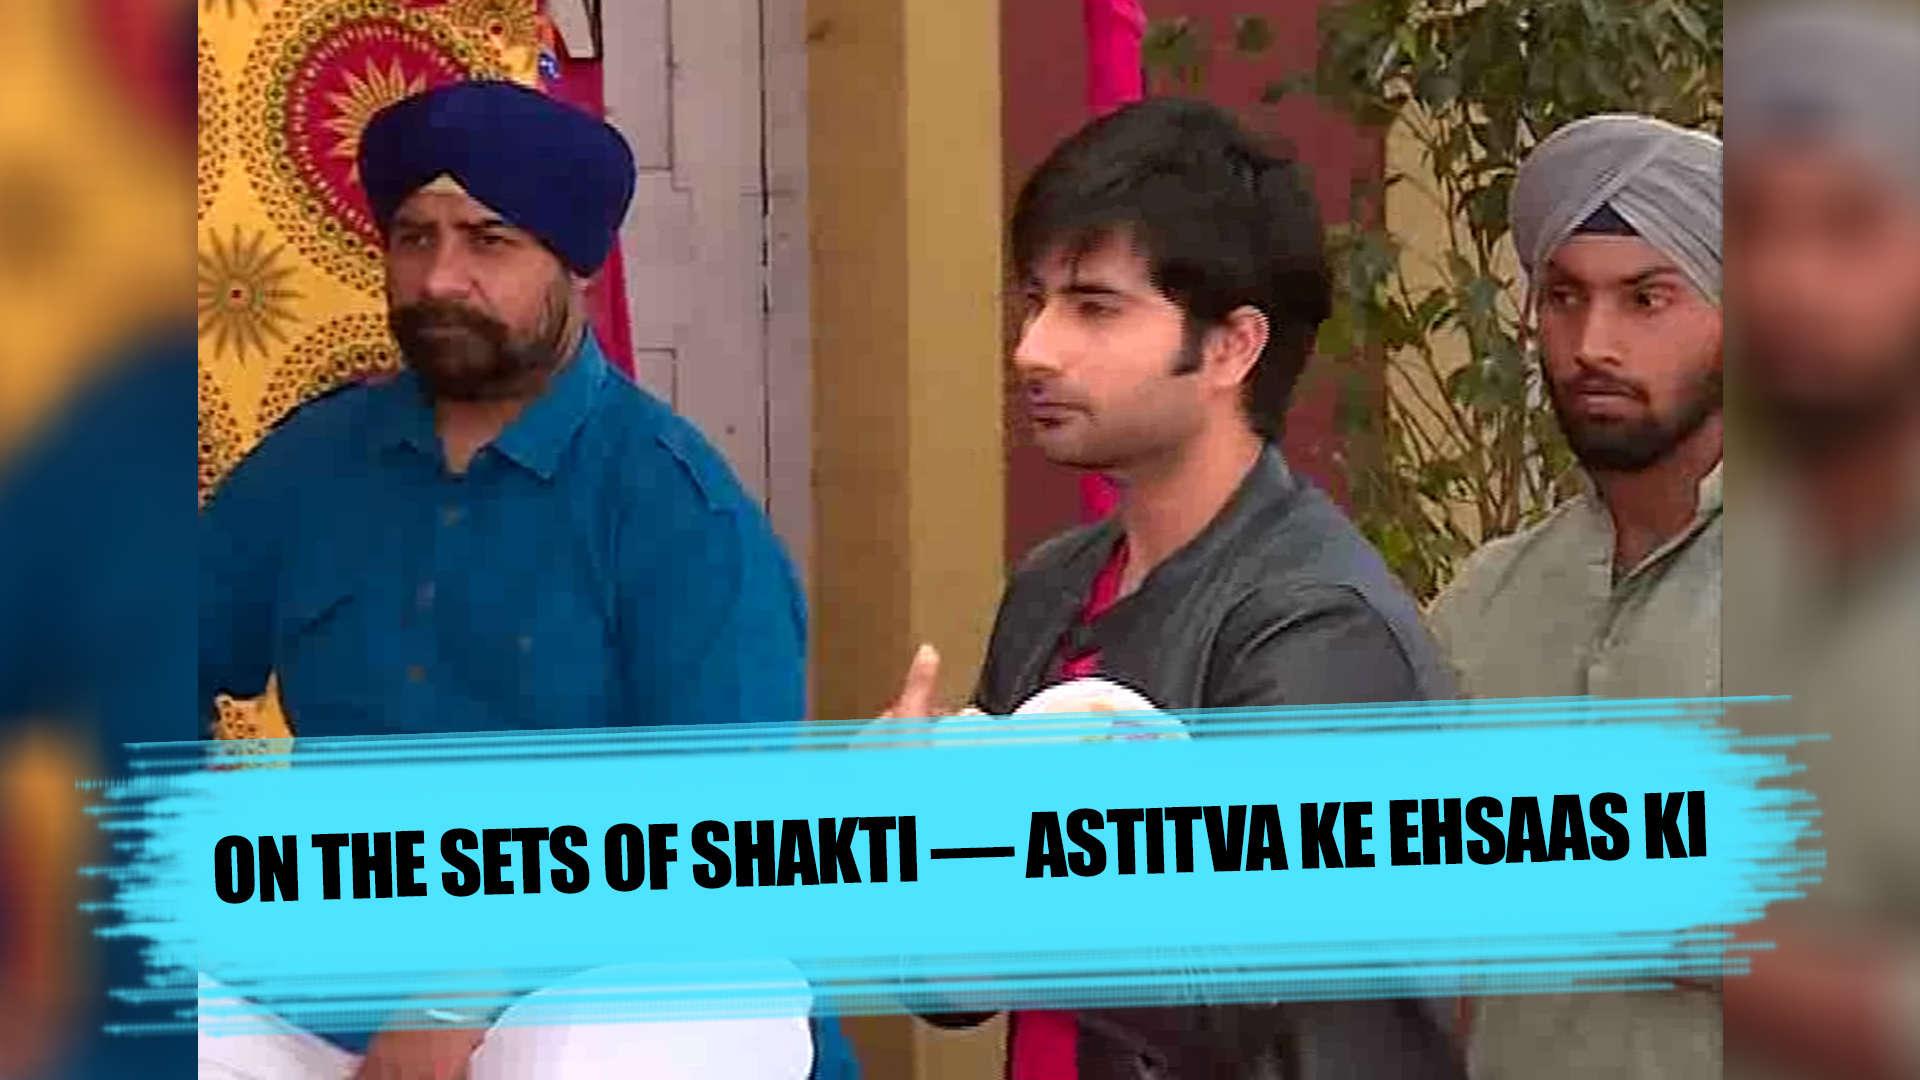 On the sets of Shakti — Astitva Ke Ehsaas Ki